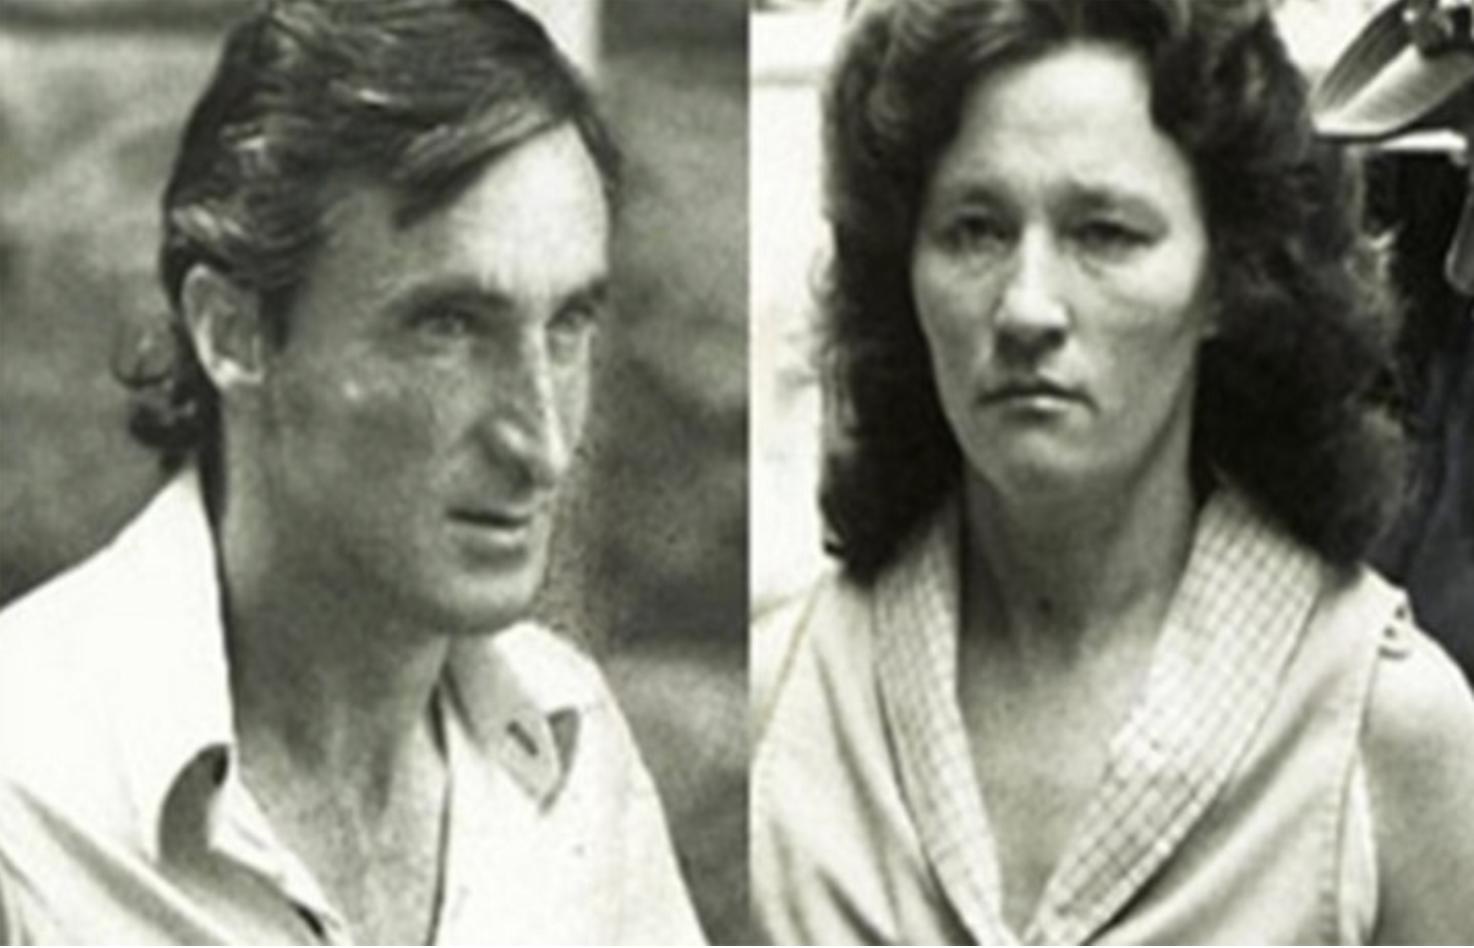 Mugshots of David and Catherine Birnie